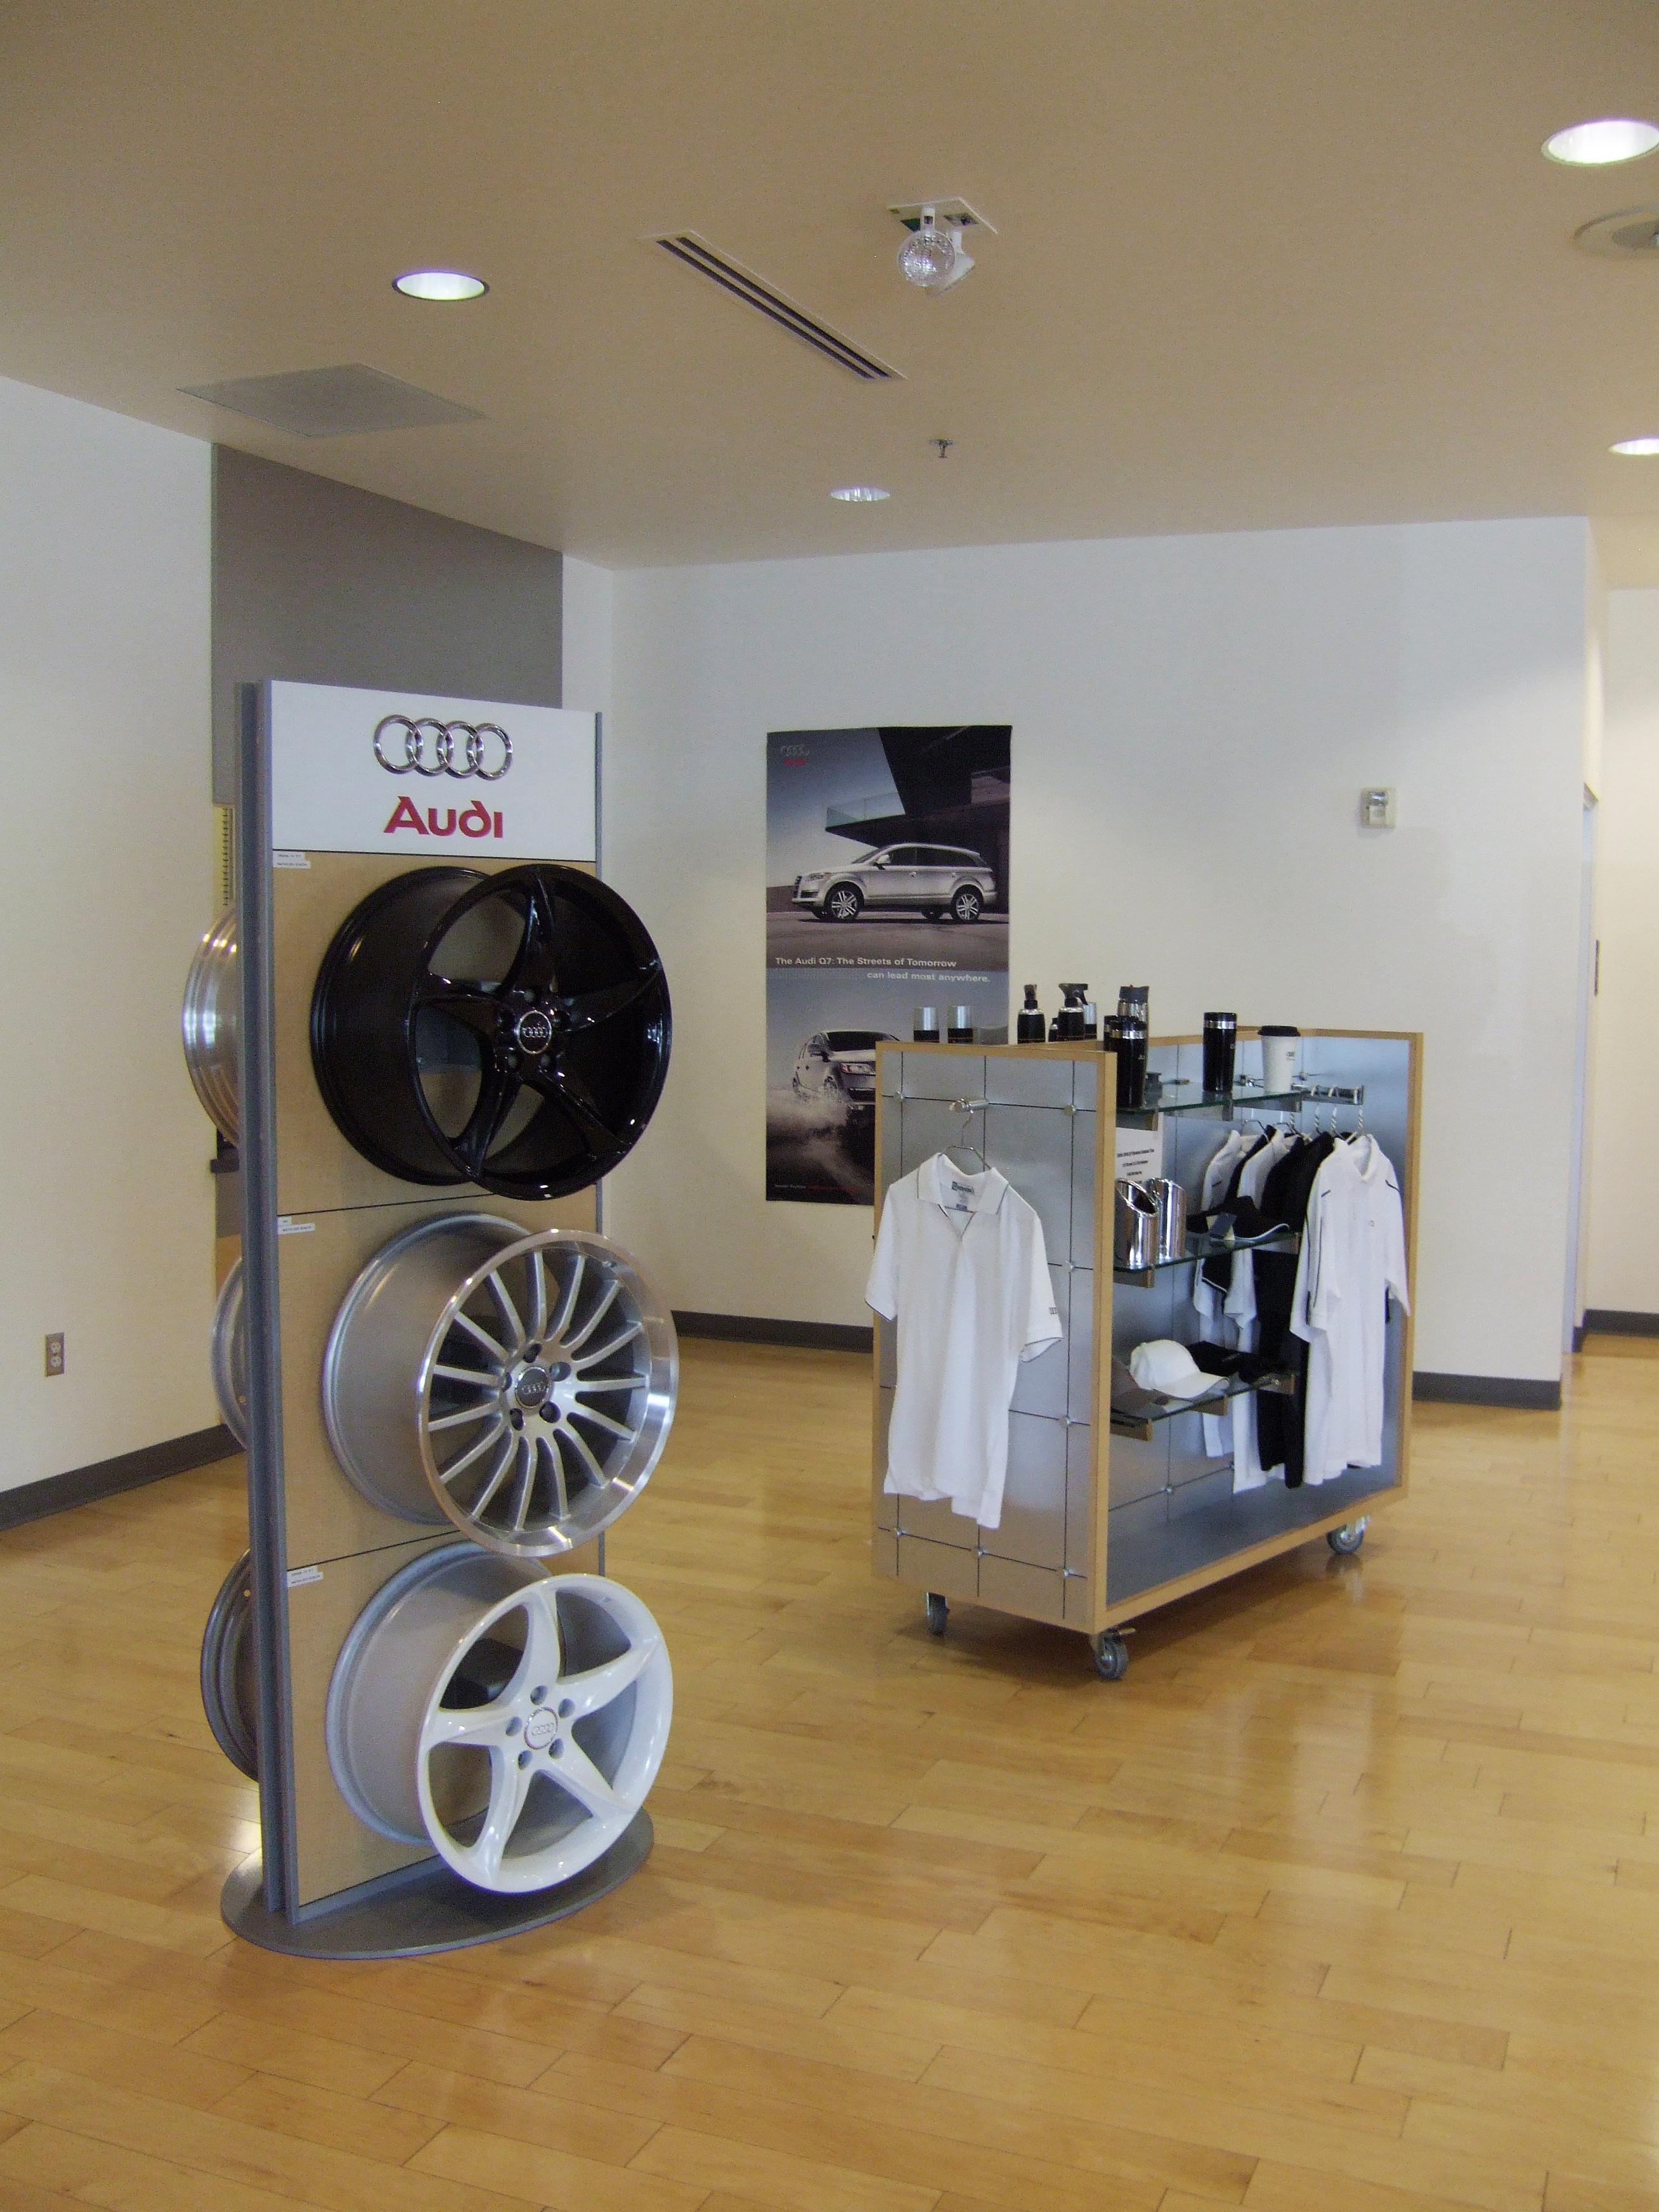 Audi 021.jpg